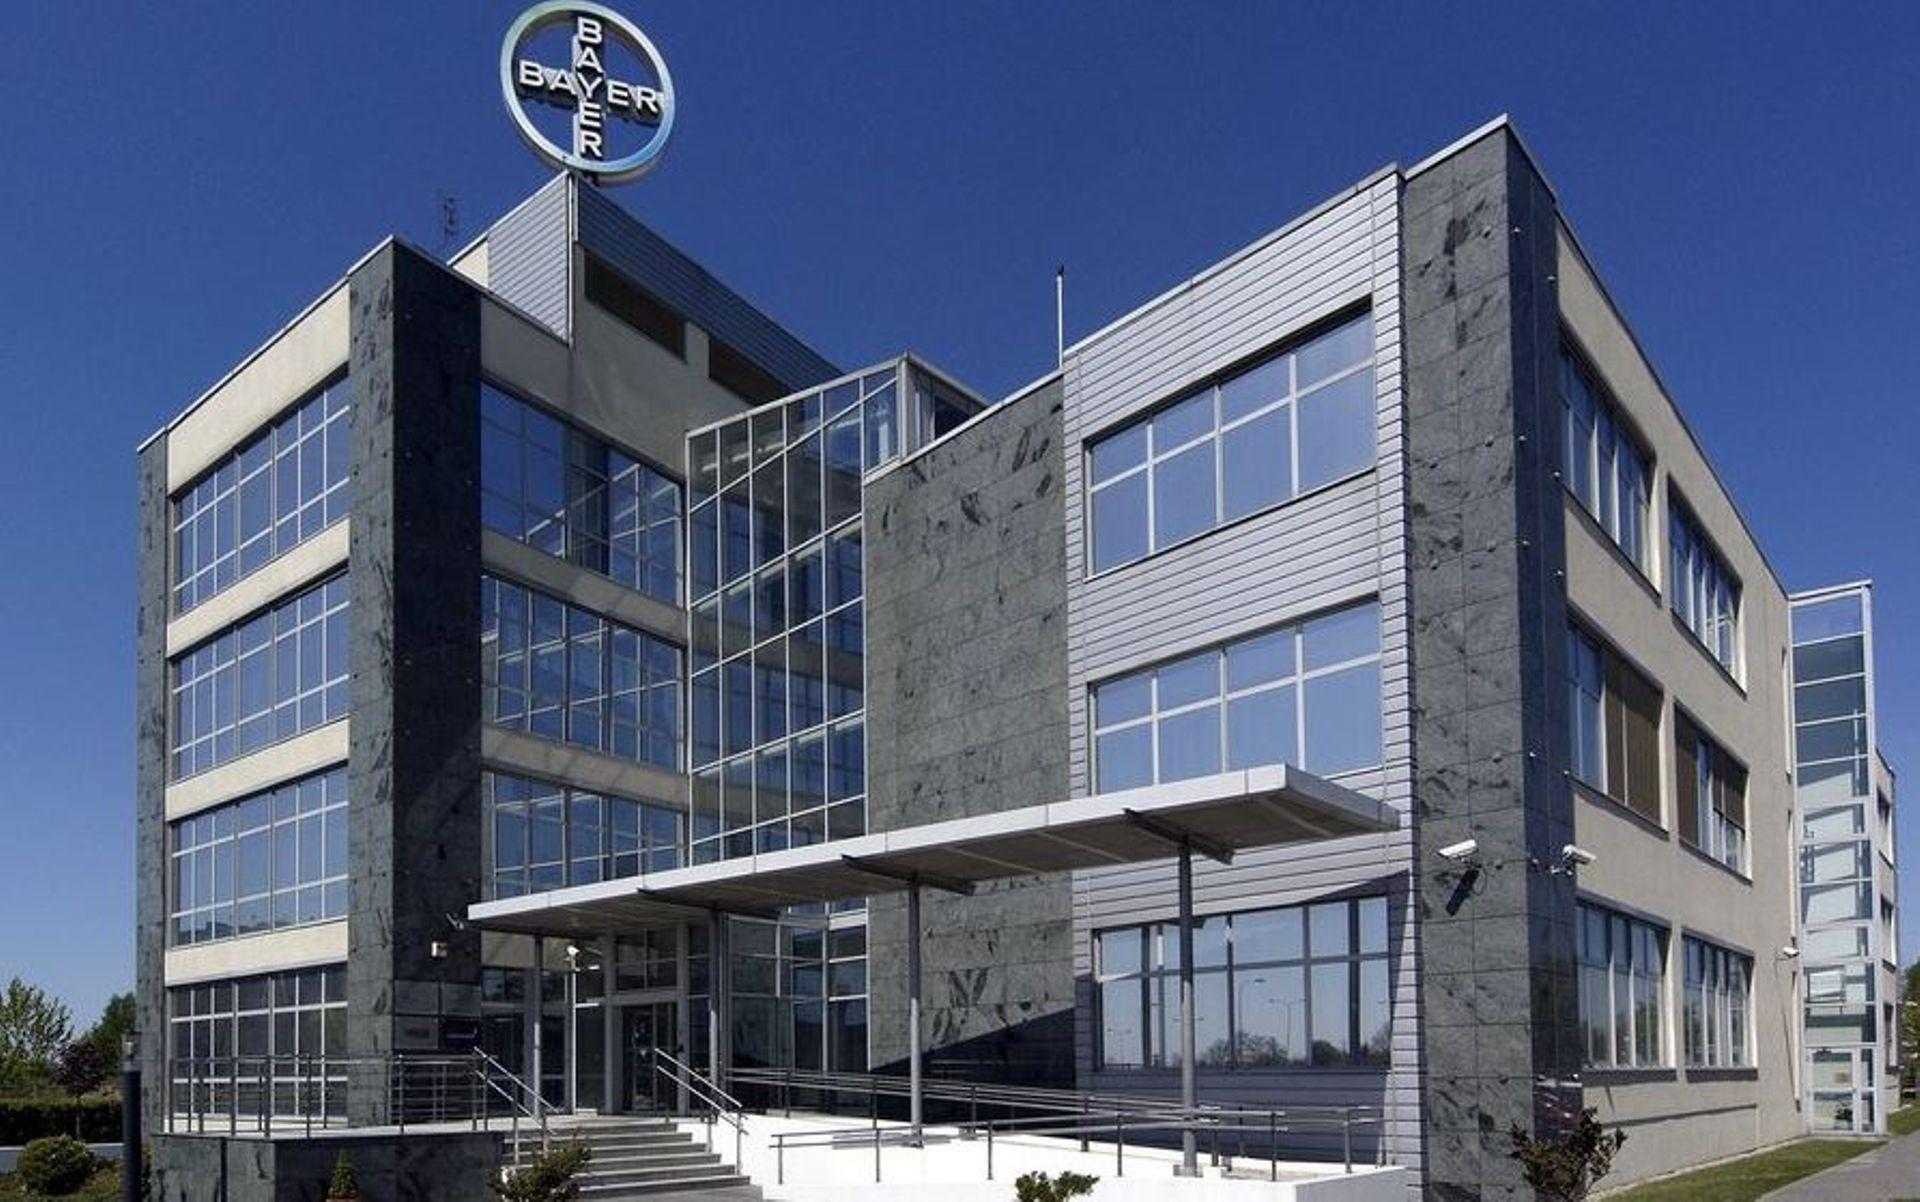 Niemiecki koncern Bayer zatrudni w Warszawie 400 osób